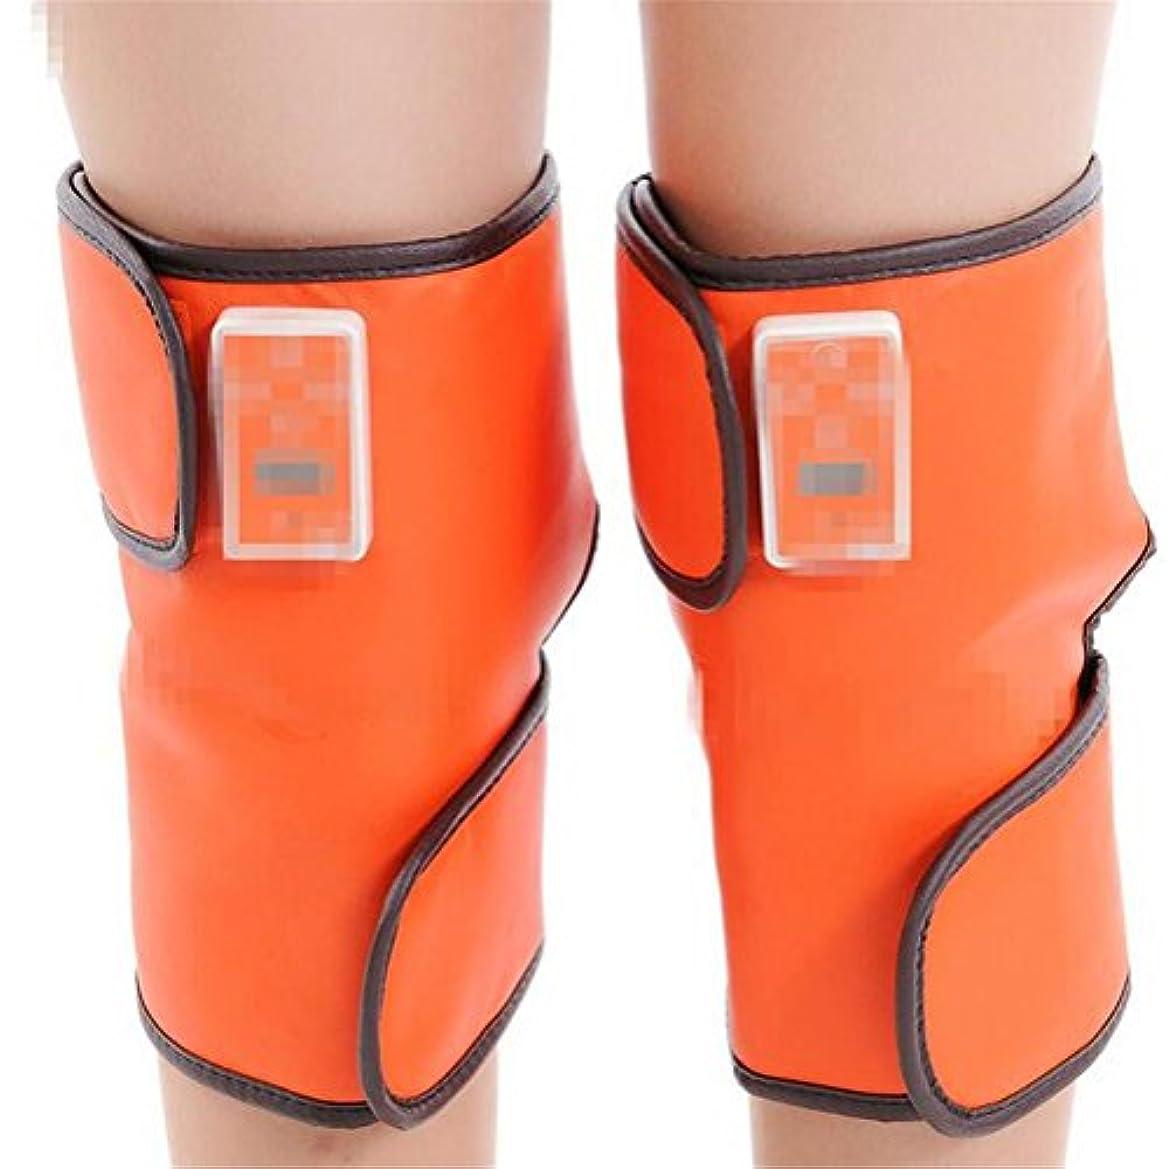 年次ショートミニチュアエレジーンス-Z電気膝パッド遠赤外線老膝膝パッド健康療法救済装置クリスマスハイエンドギフト